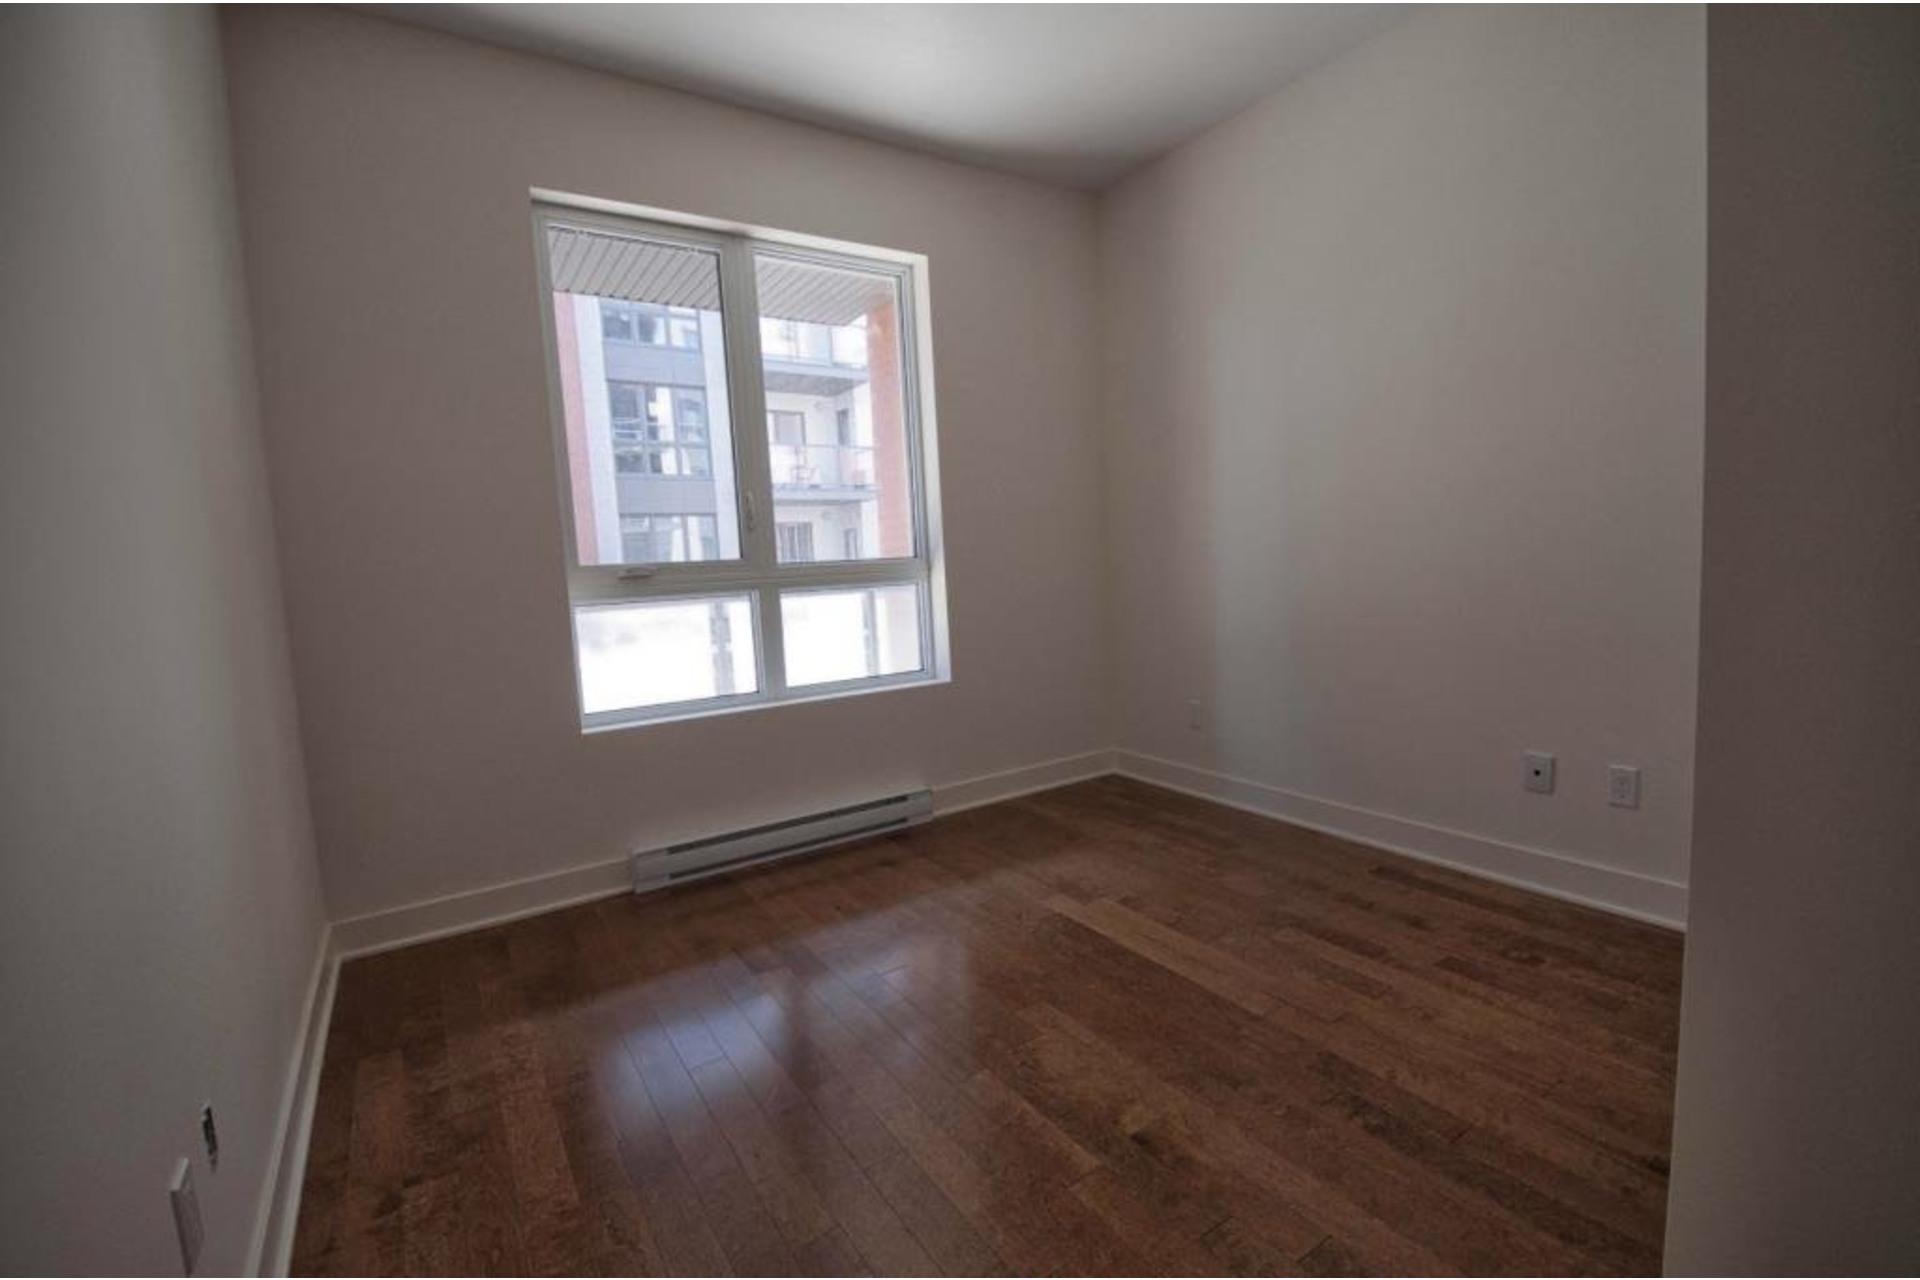 image 20 - Apartment For rent Rivière-des-Prairies/Pointe-aux-Trembles Montréal  - 6 rooms